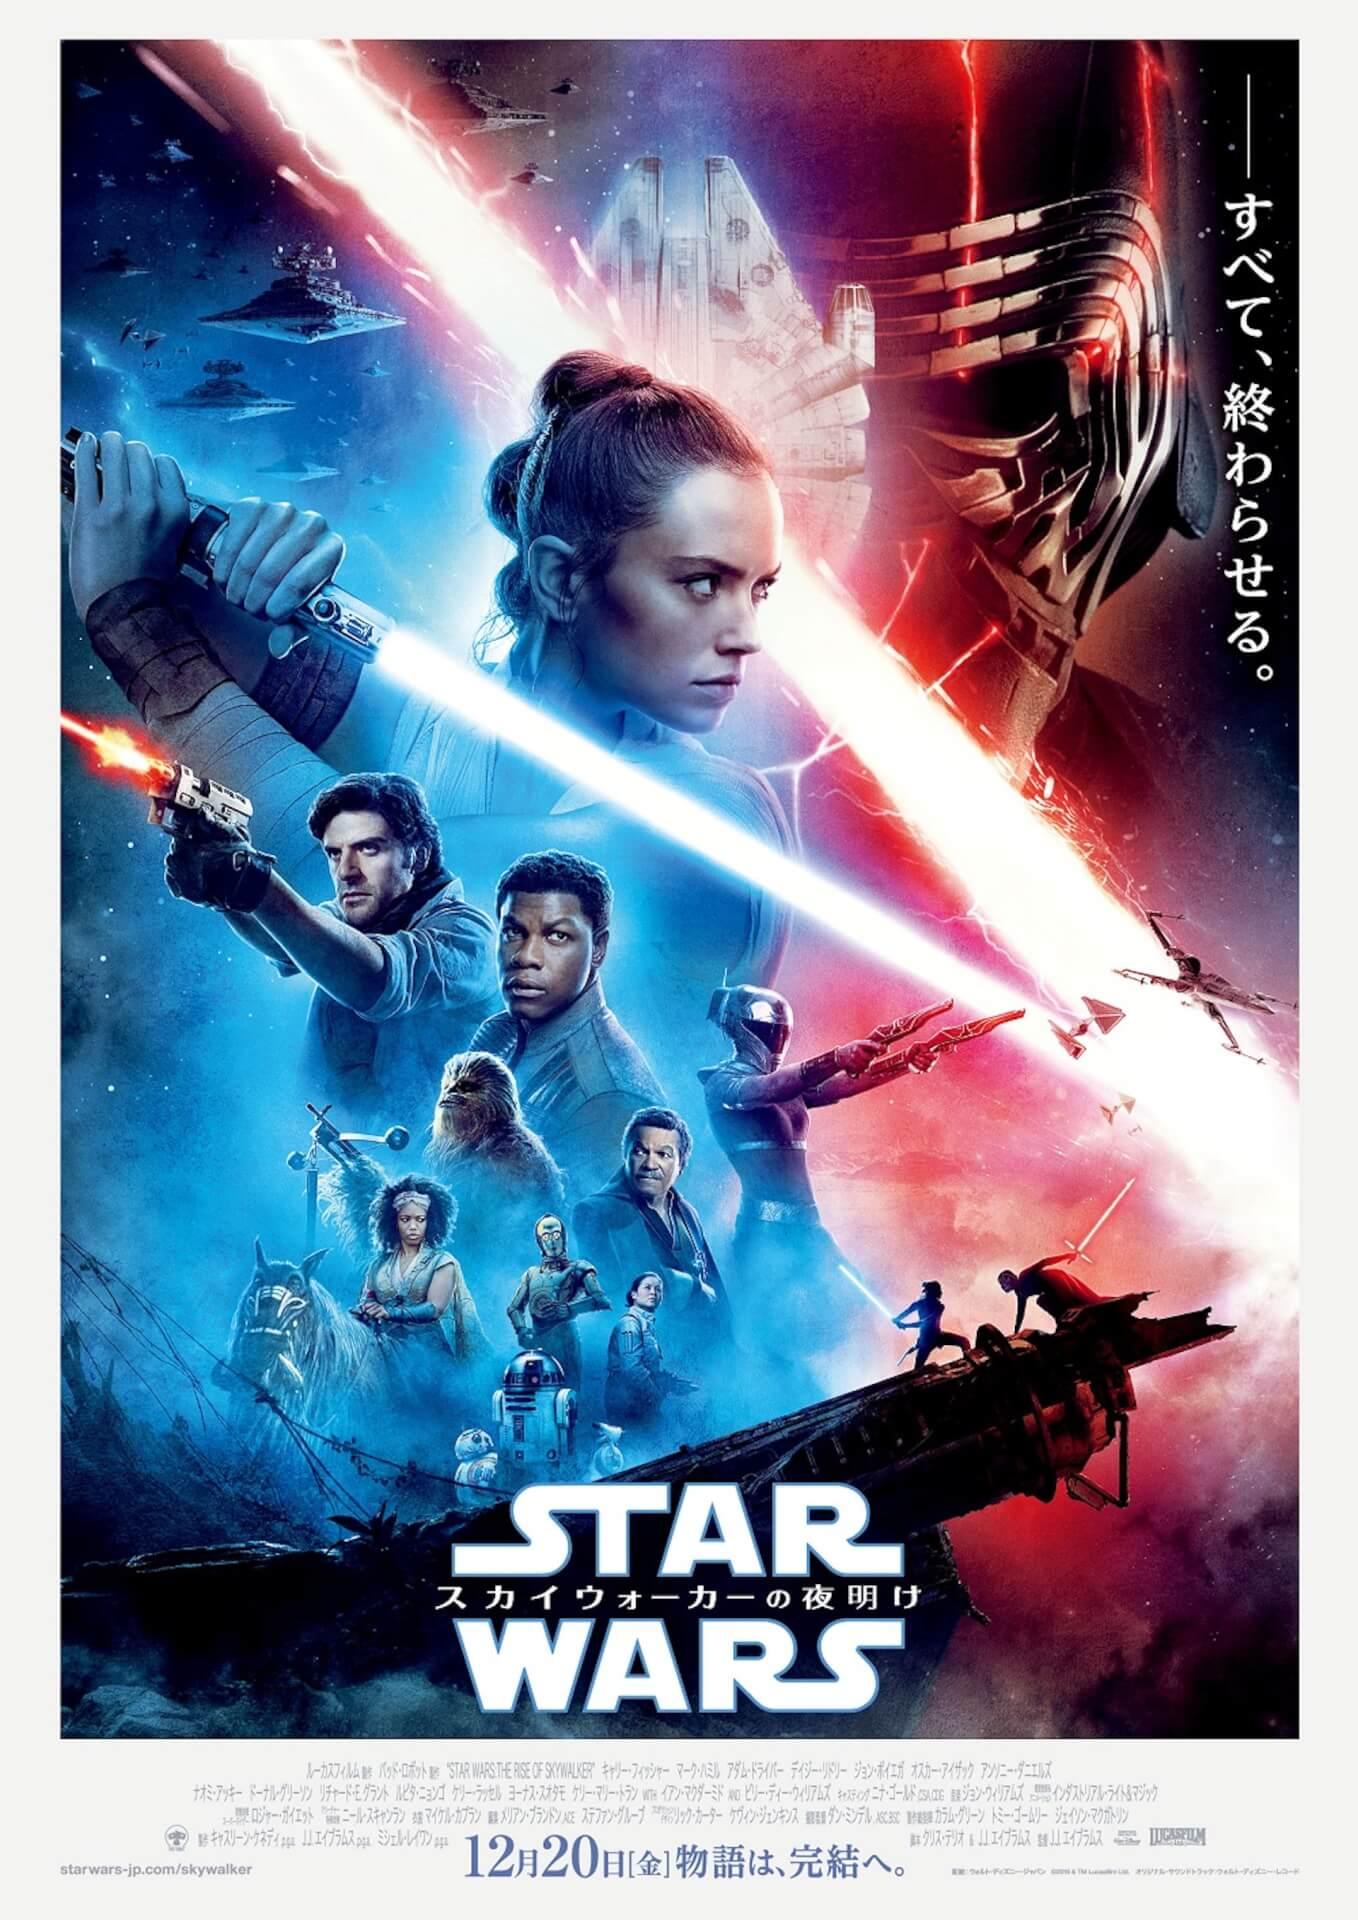 IMAXで、4DXでリピーター続出!『スター・ウォーズ/スカイウォーカーの夜明け』興収が驚異の70億円突破! film200207_starwars_2